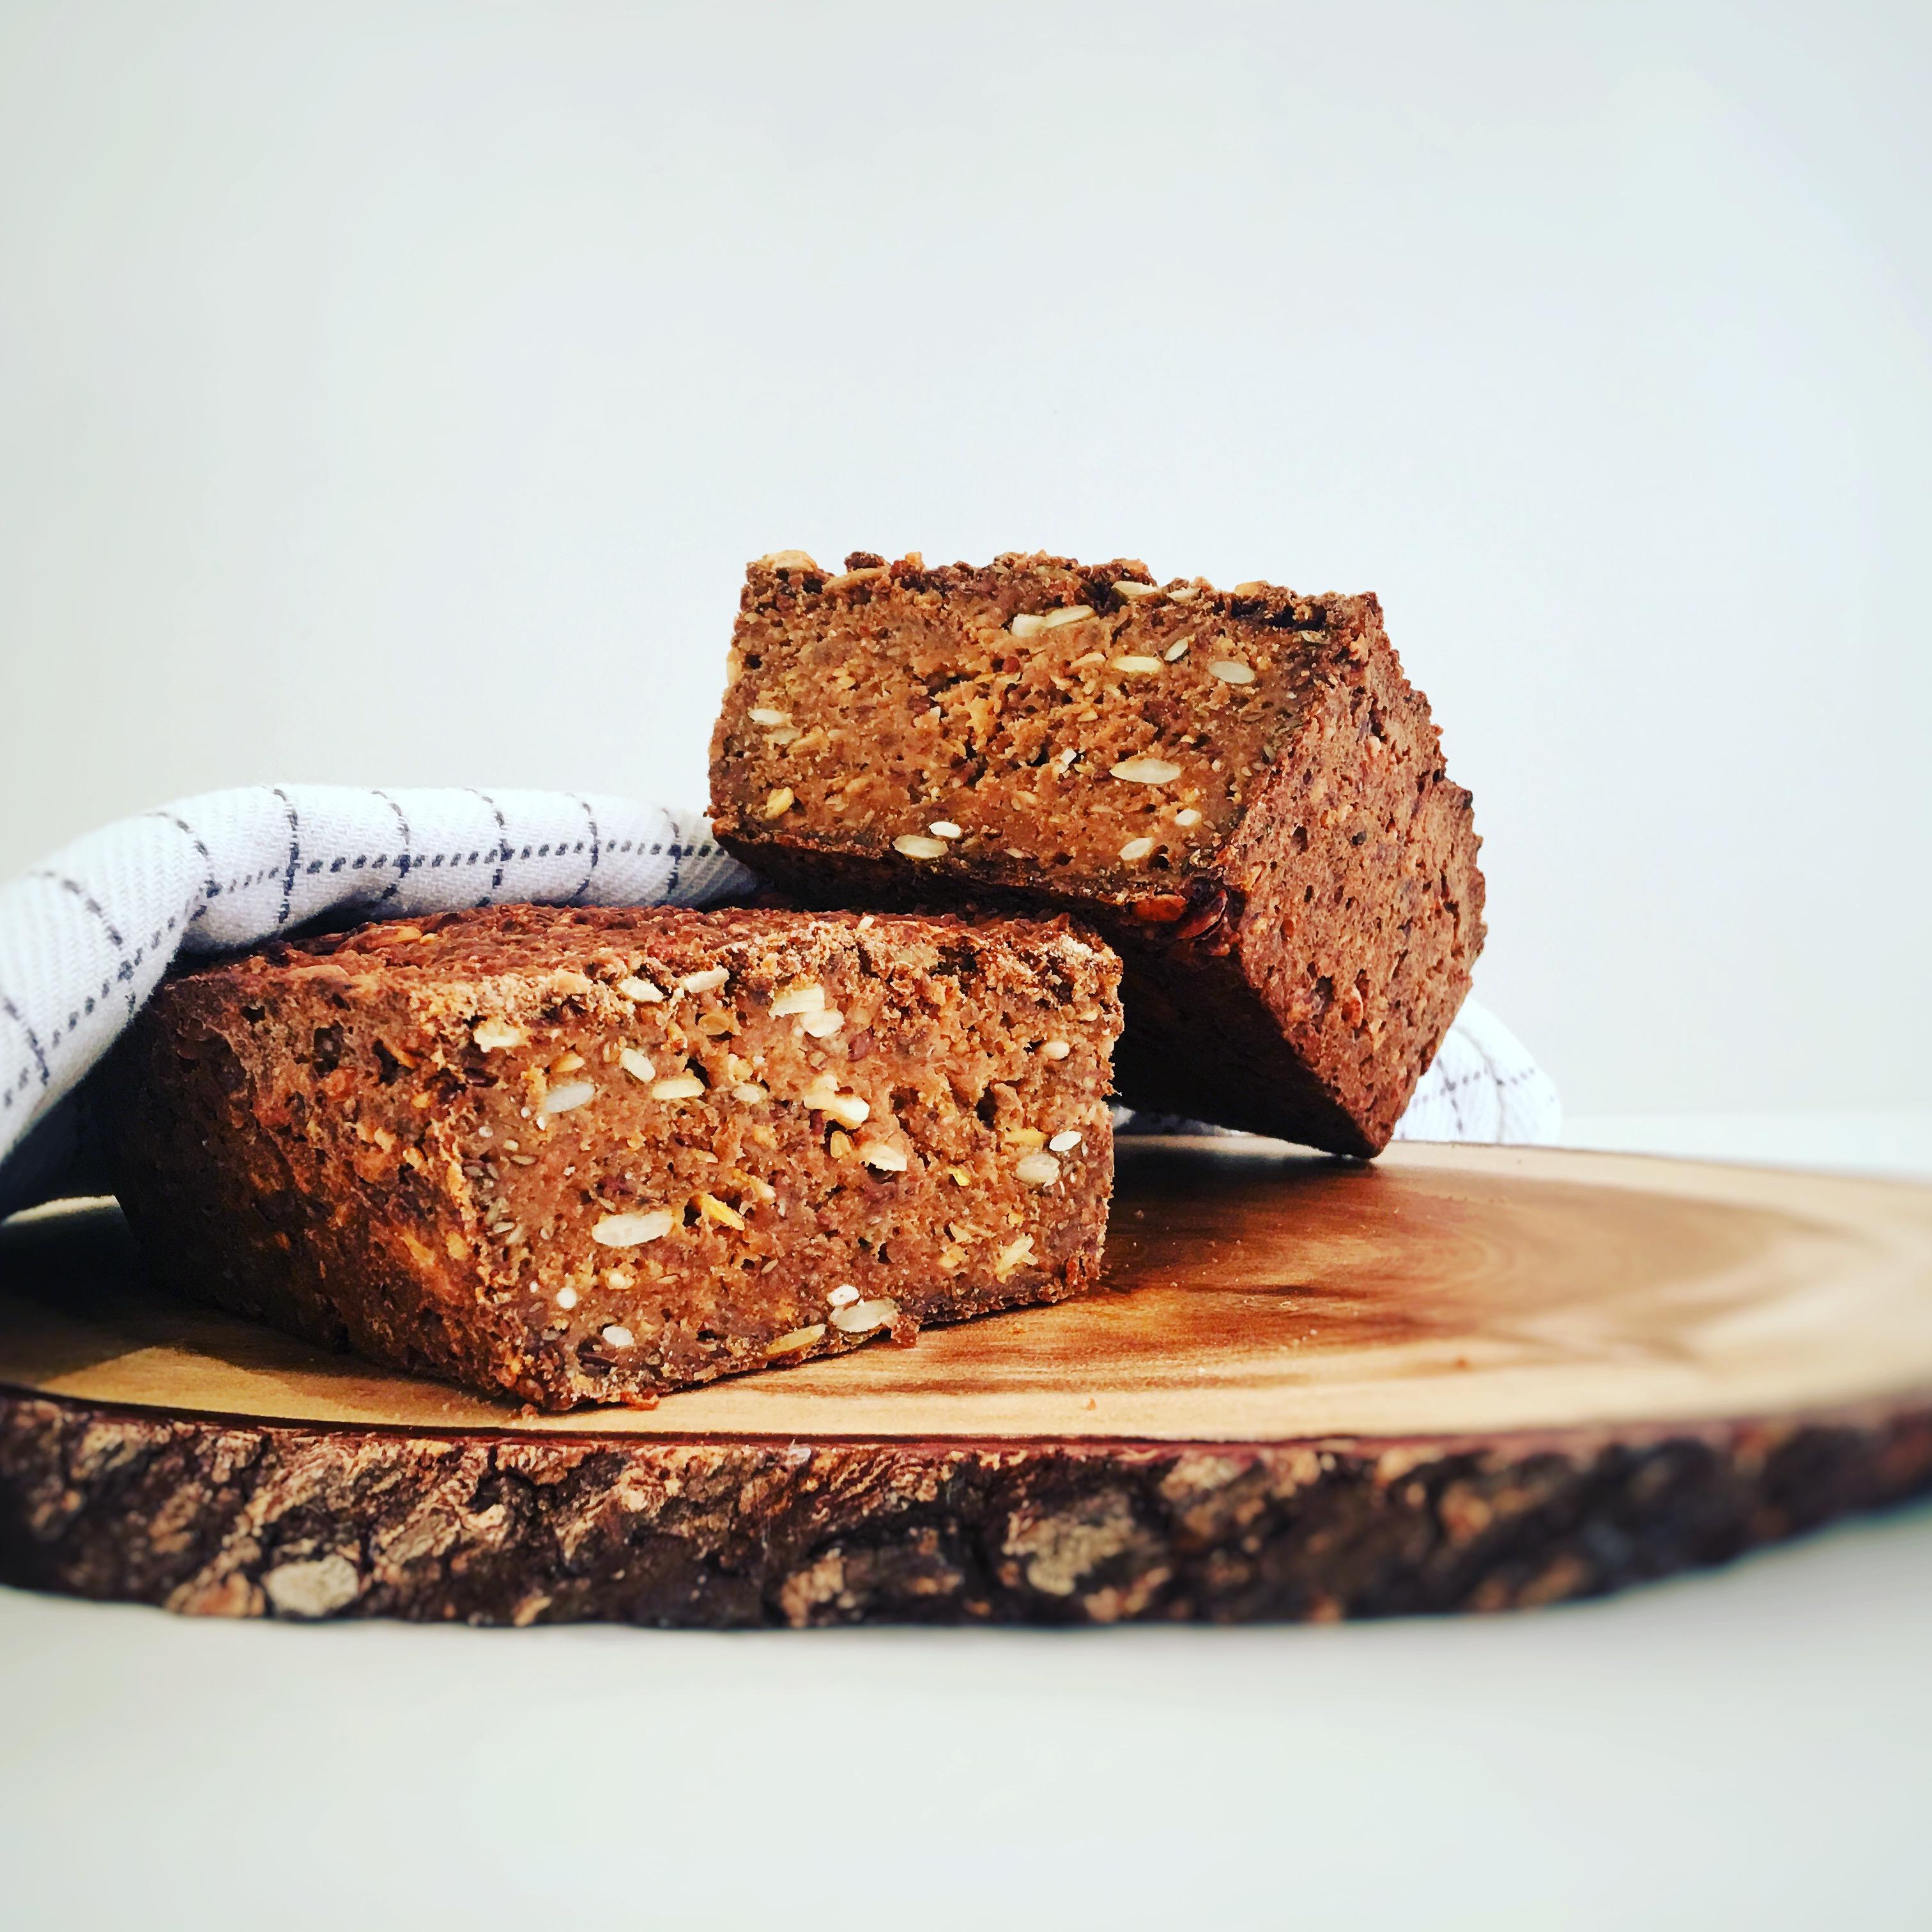 Vegansk opskrift på glutenfri rugbrød  uden laktose